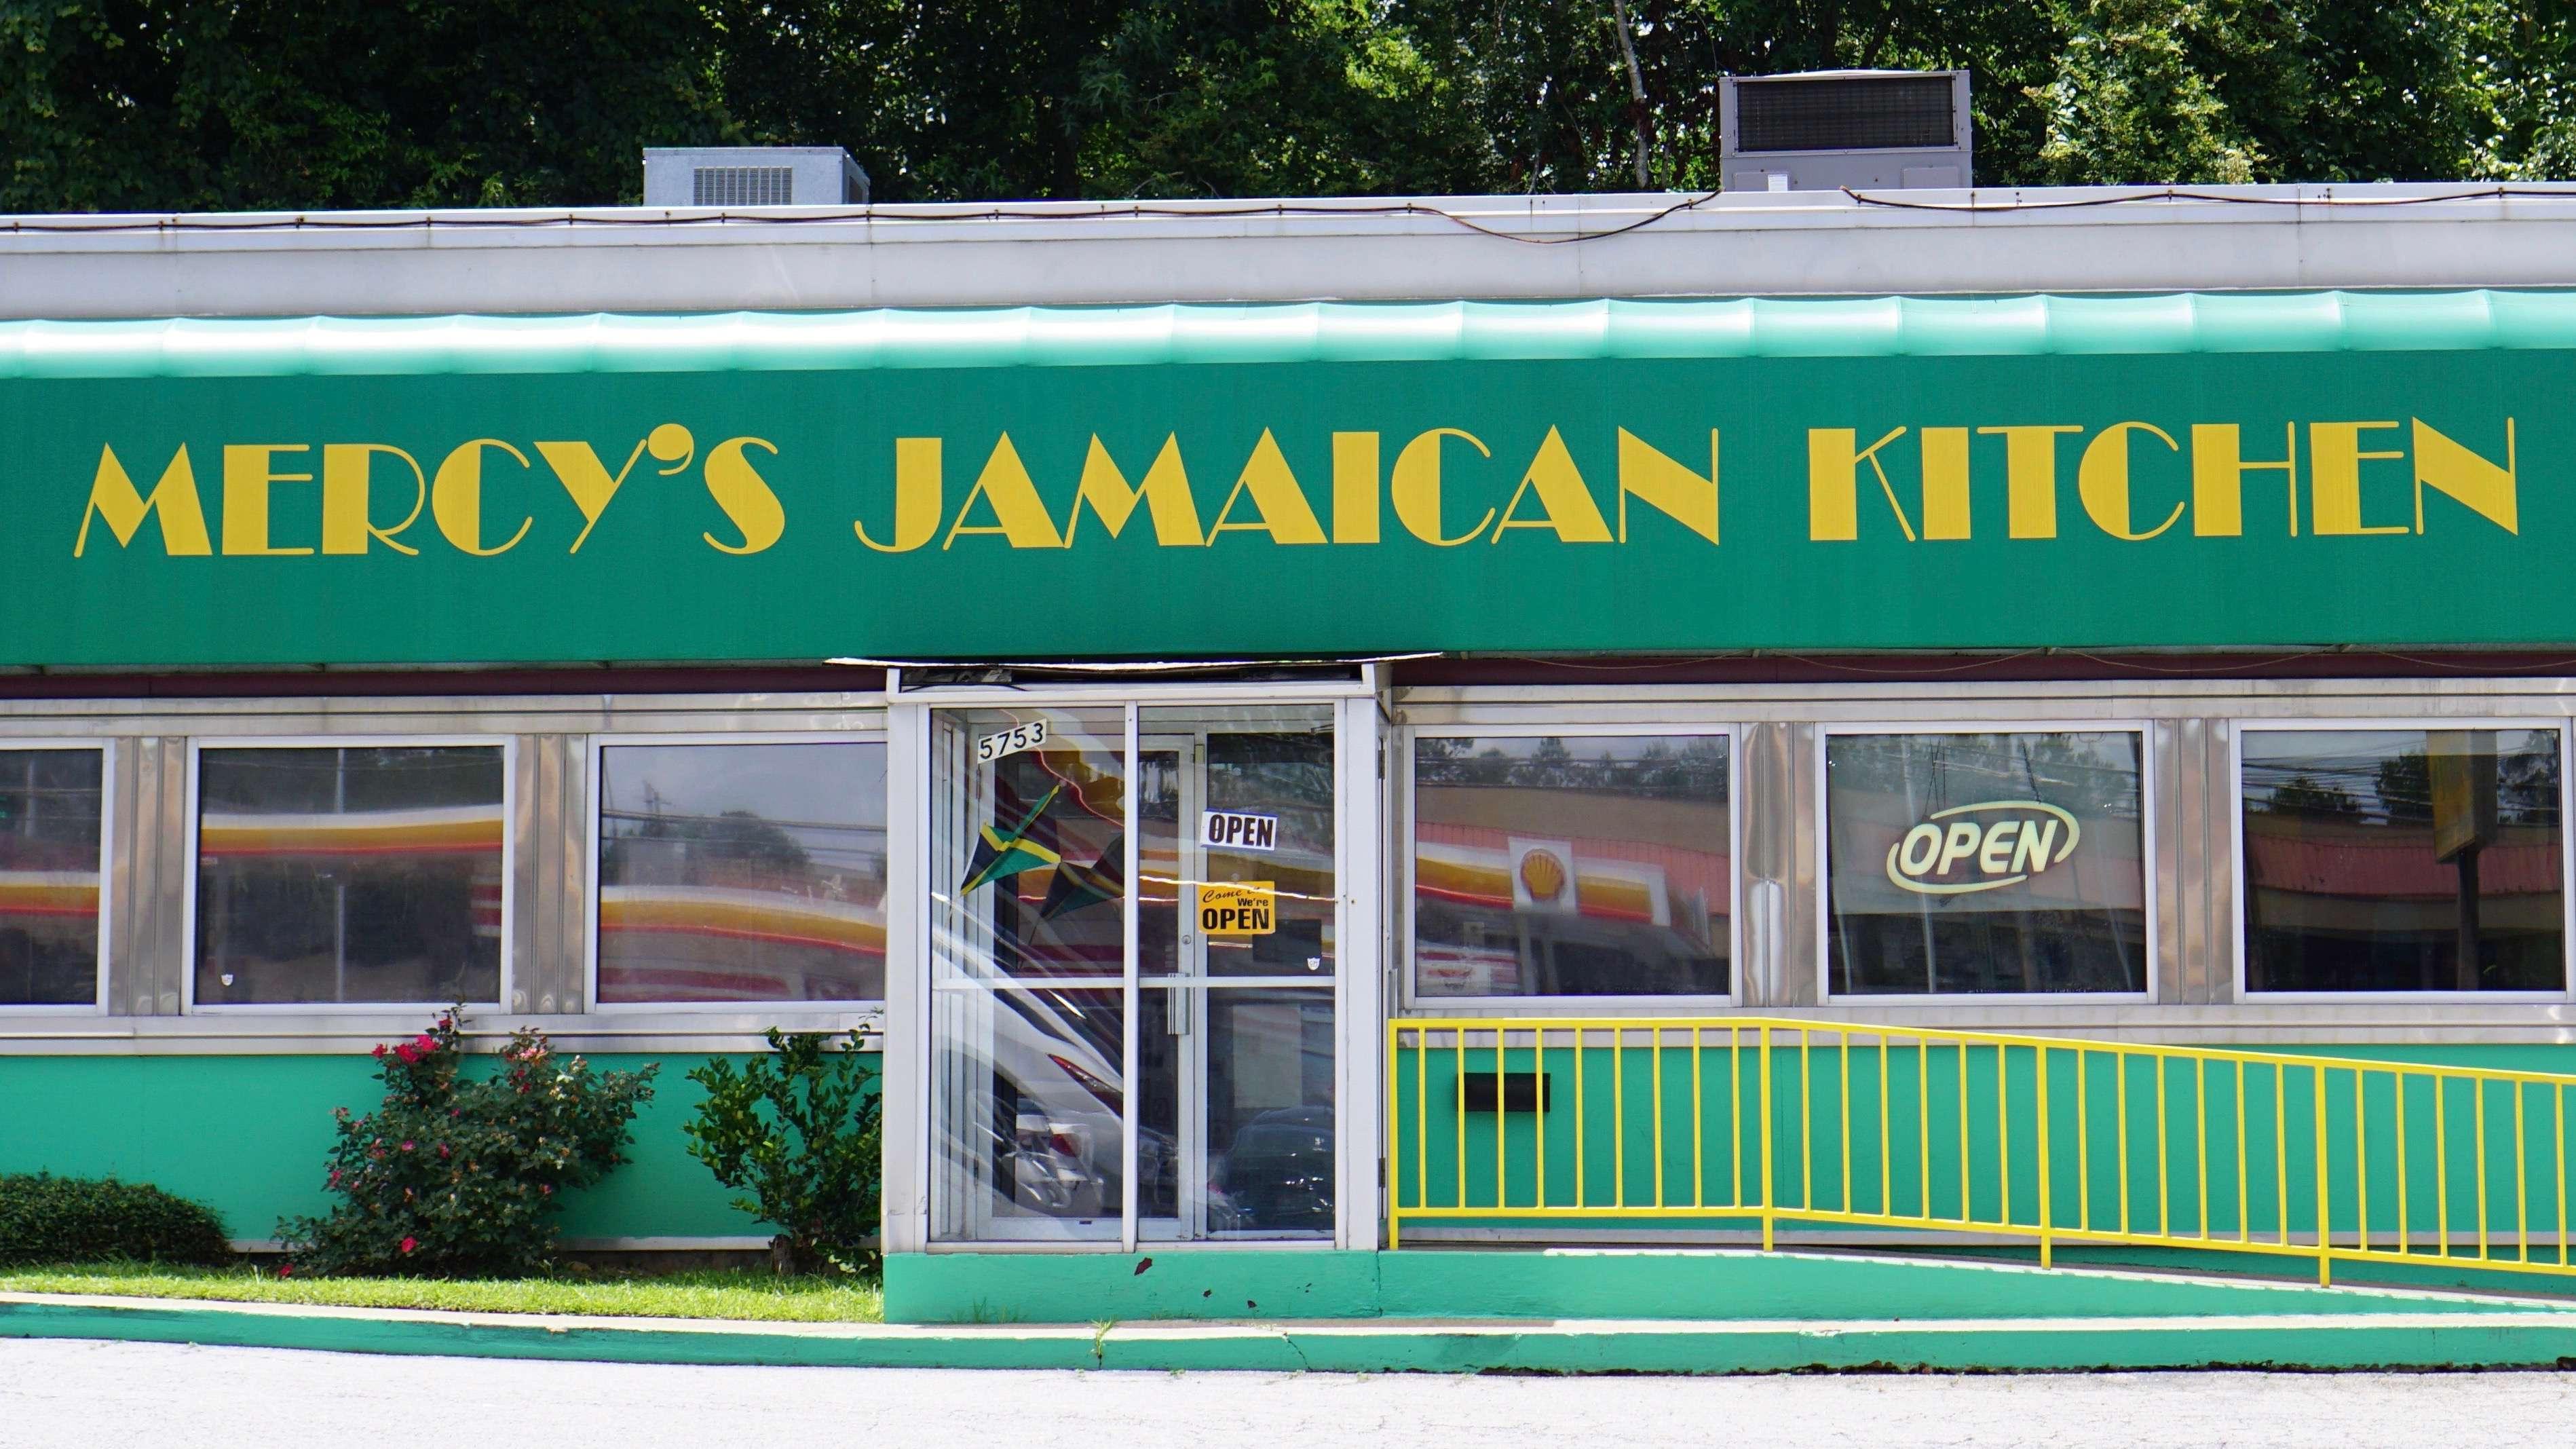 mercys jamaican kitchen - Jamaican Kitchen